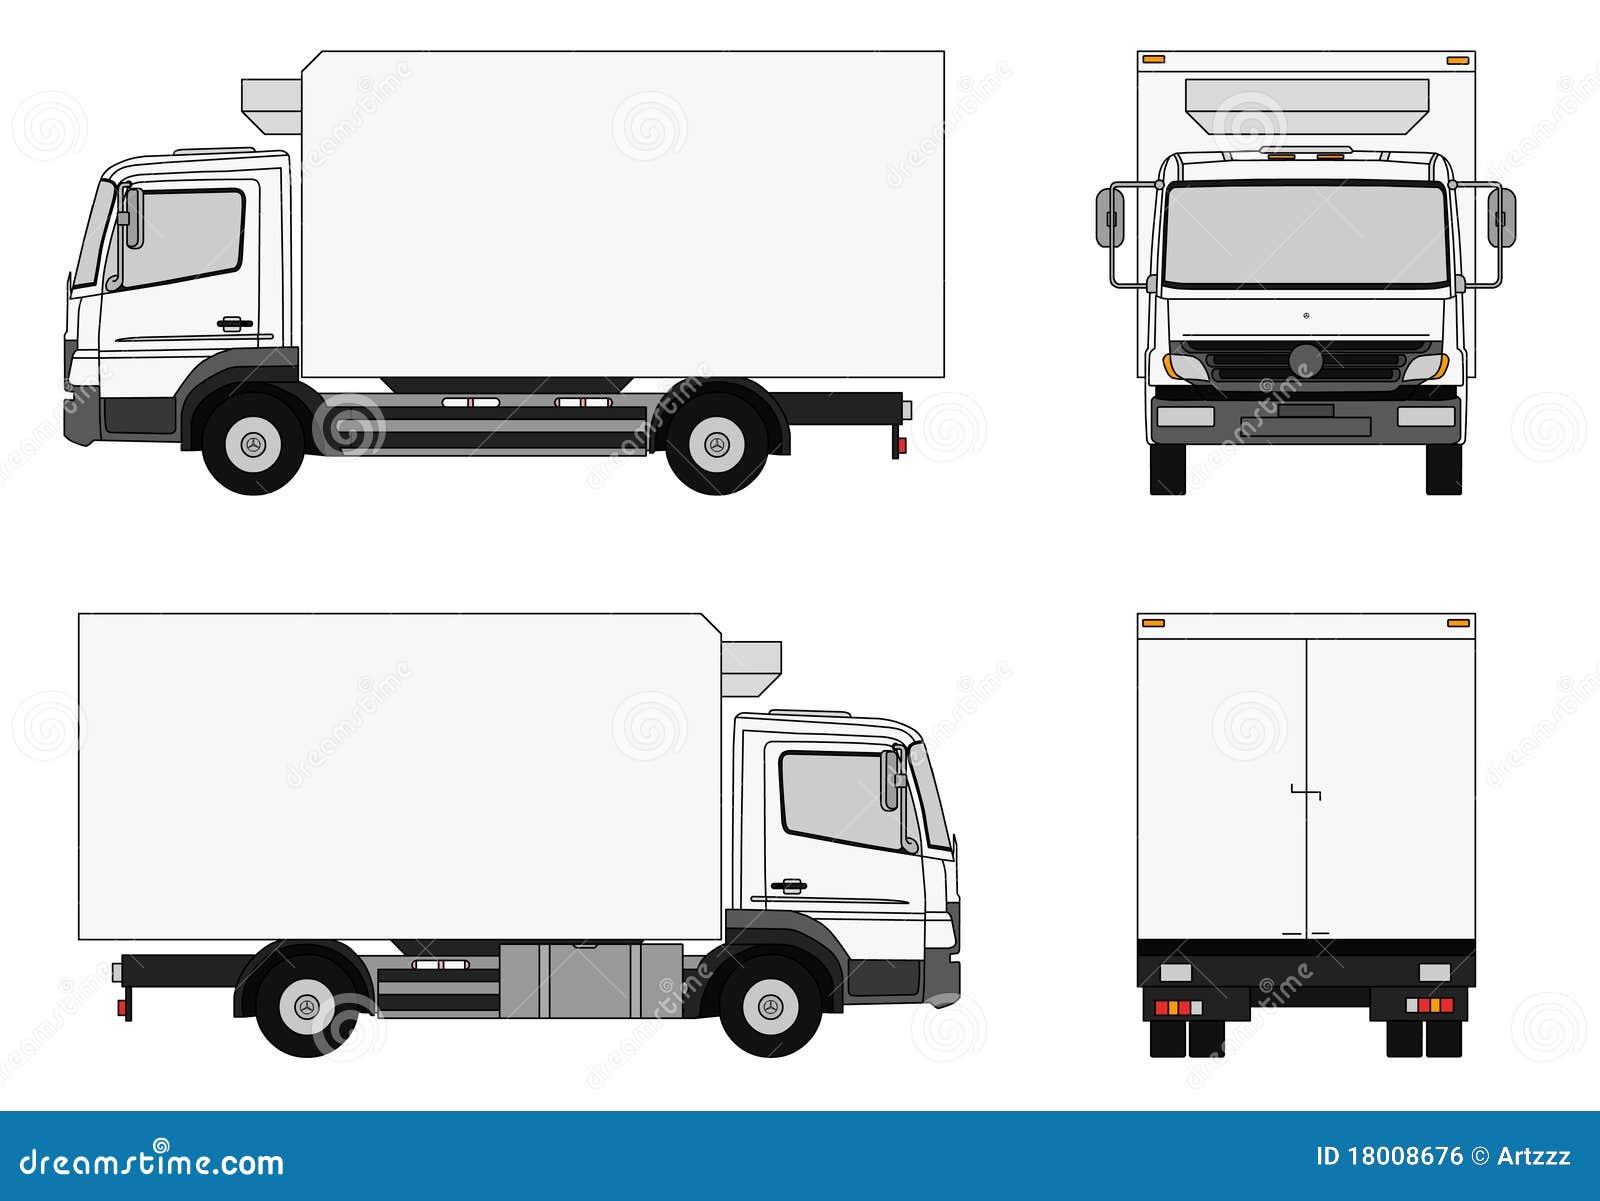 Camion De Distribution Image Libre De Droits Image 18008676